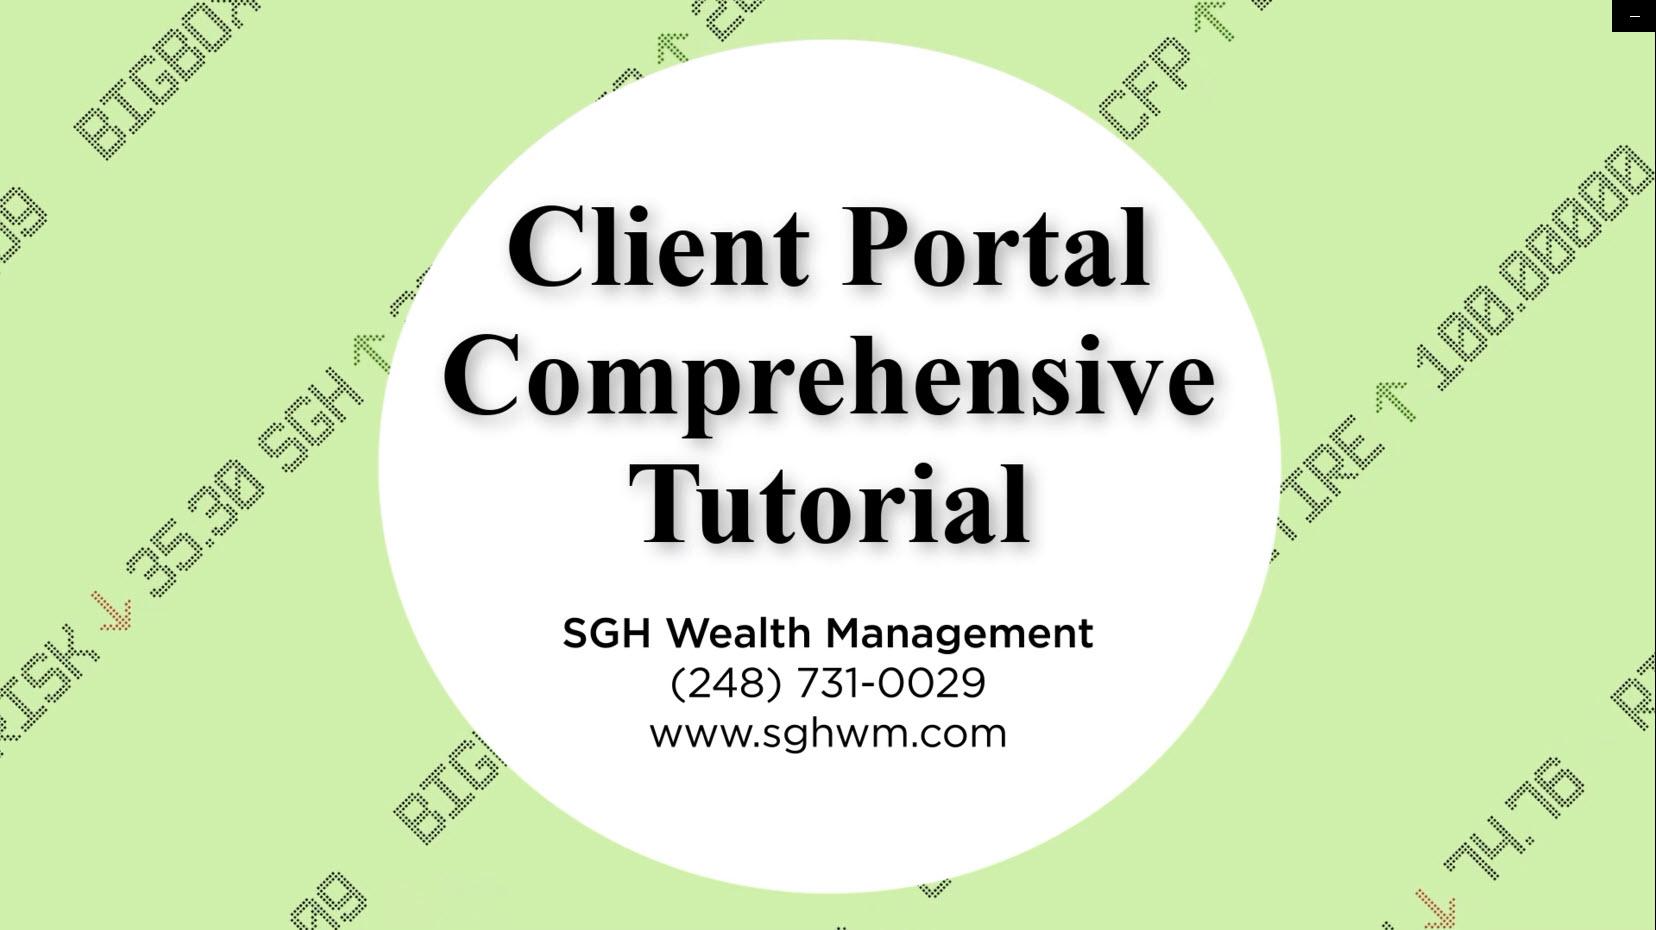 SGH Client Portal Tutorial Videos